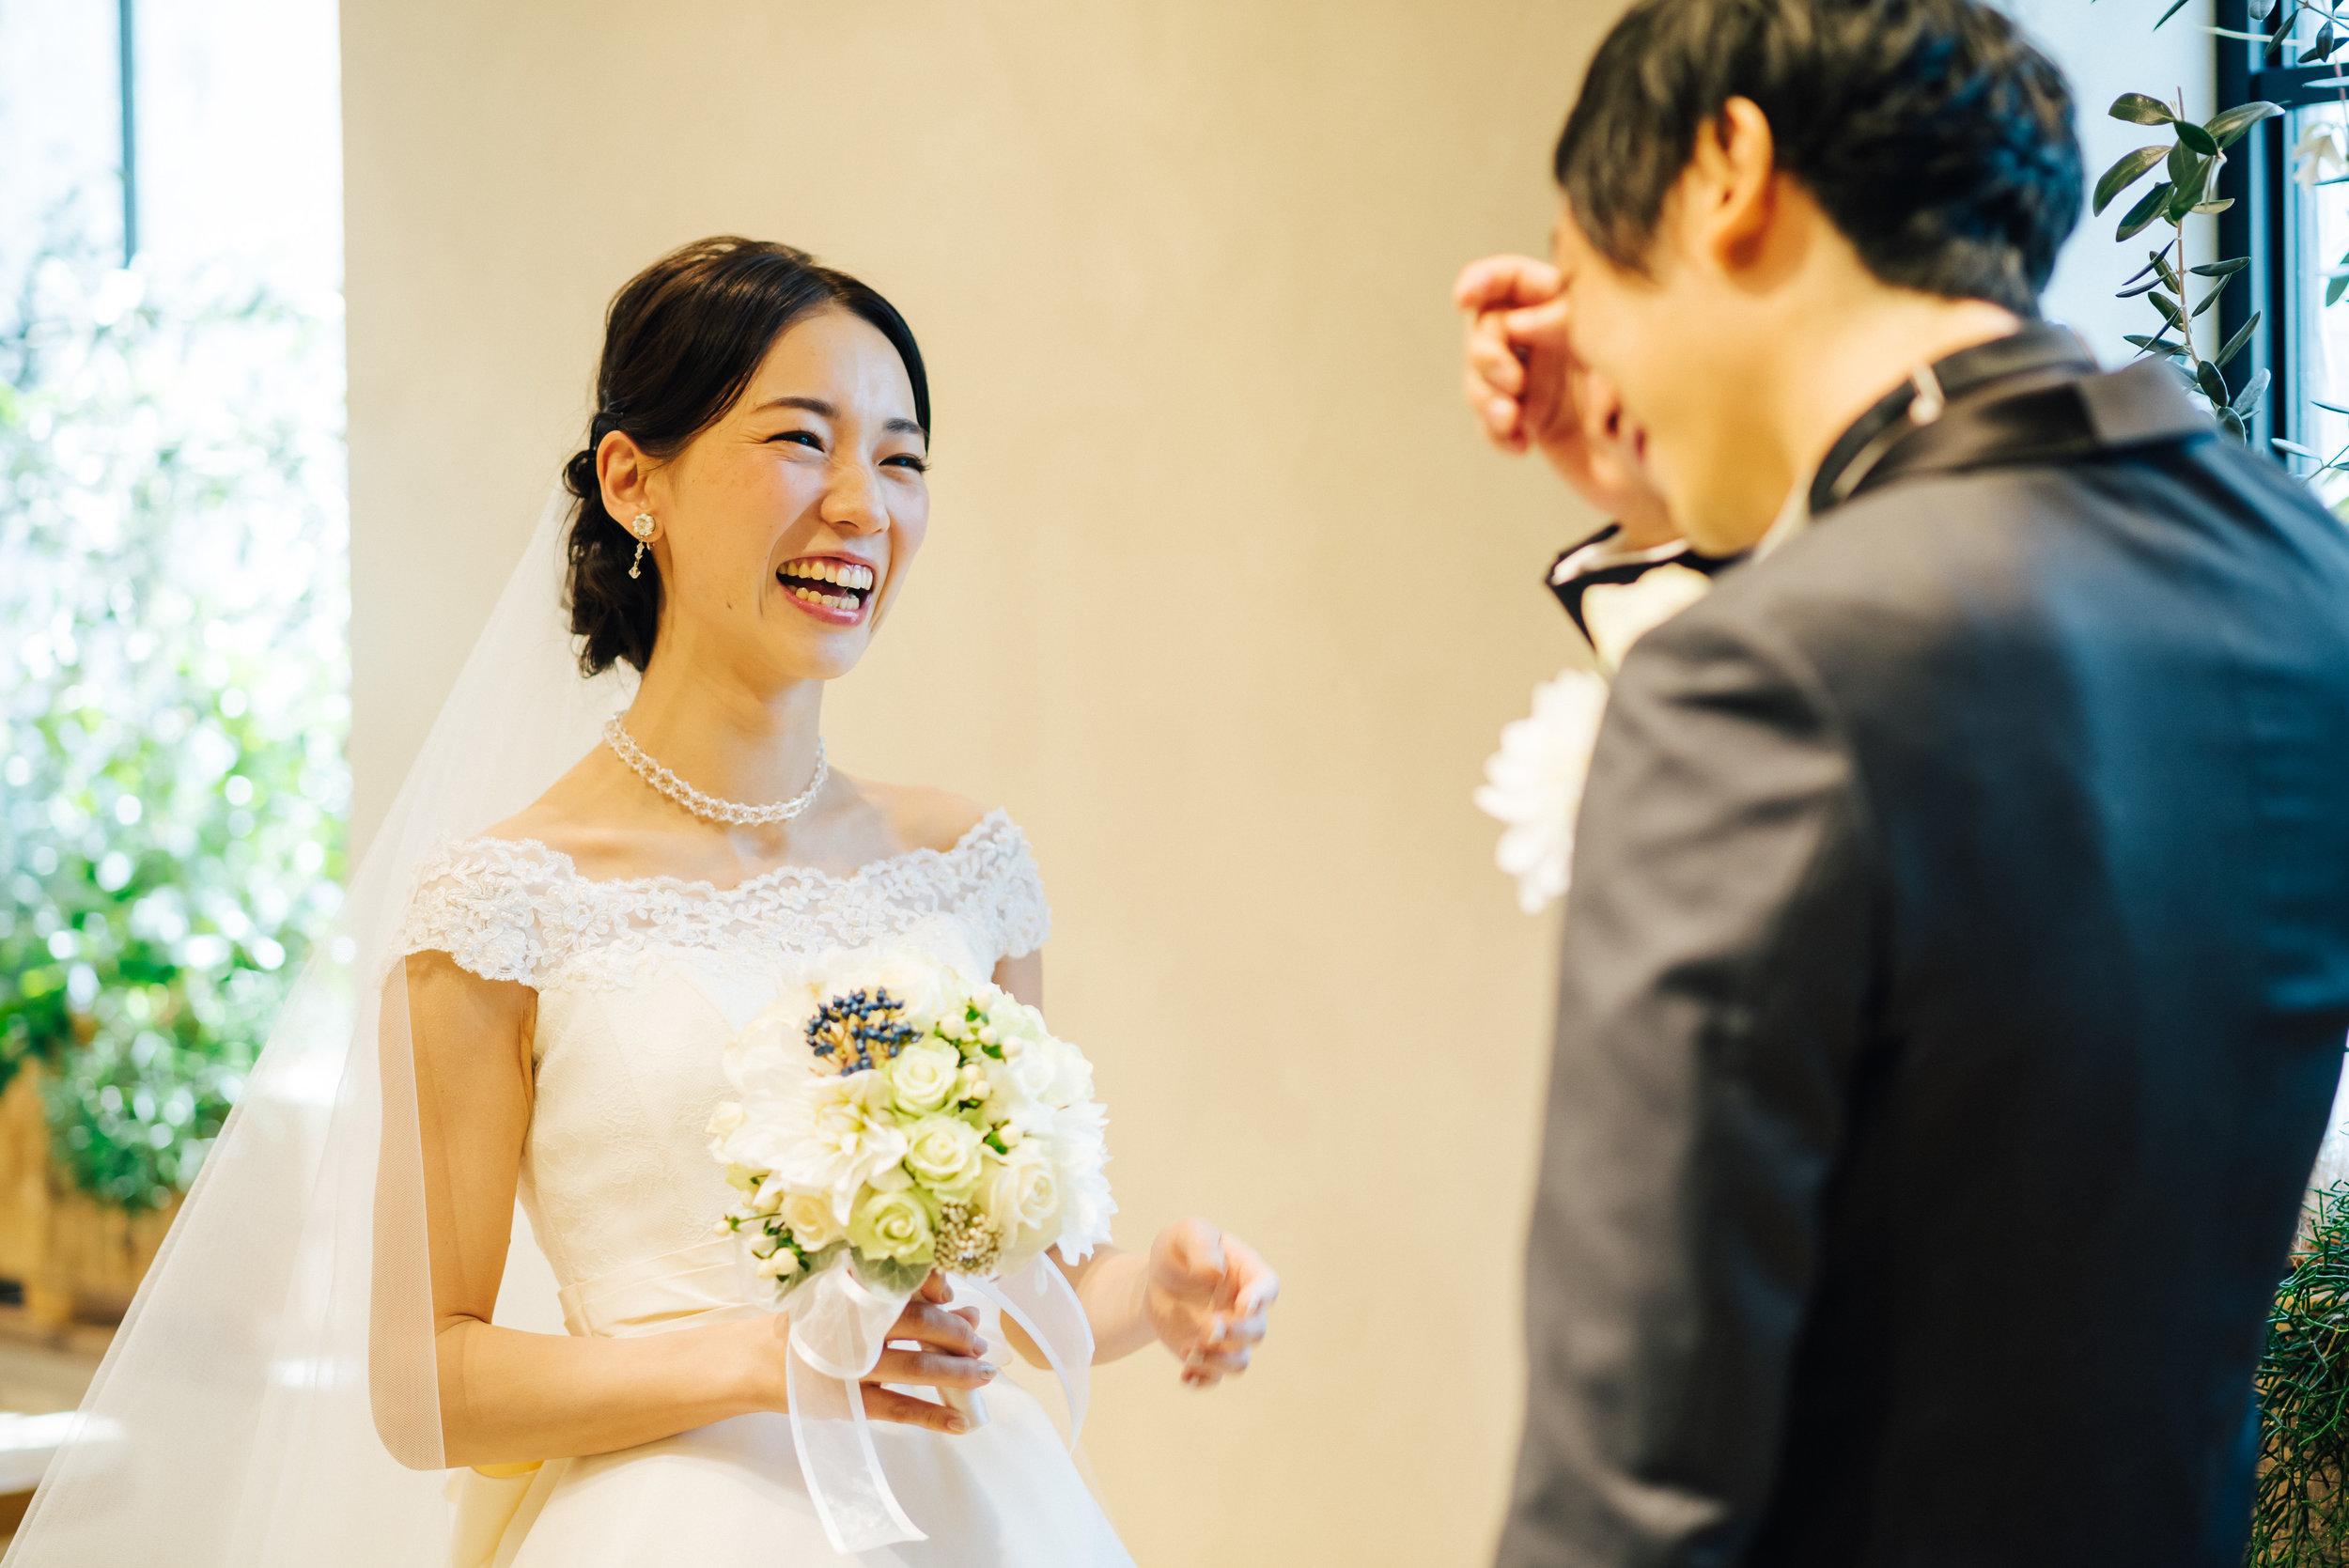 はじめてご覧になる、大好きなひとの花嫁姿。お二人らしさがぎゅっと詰まっています。